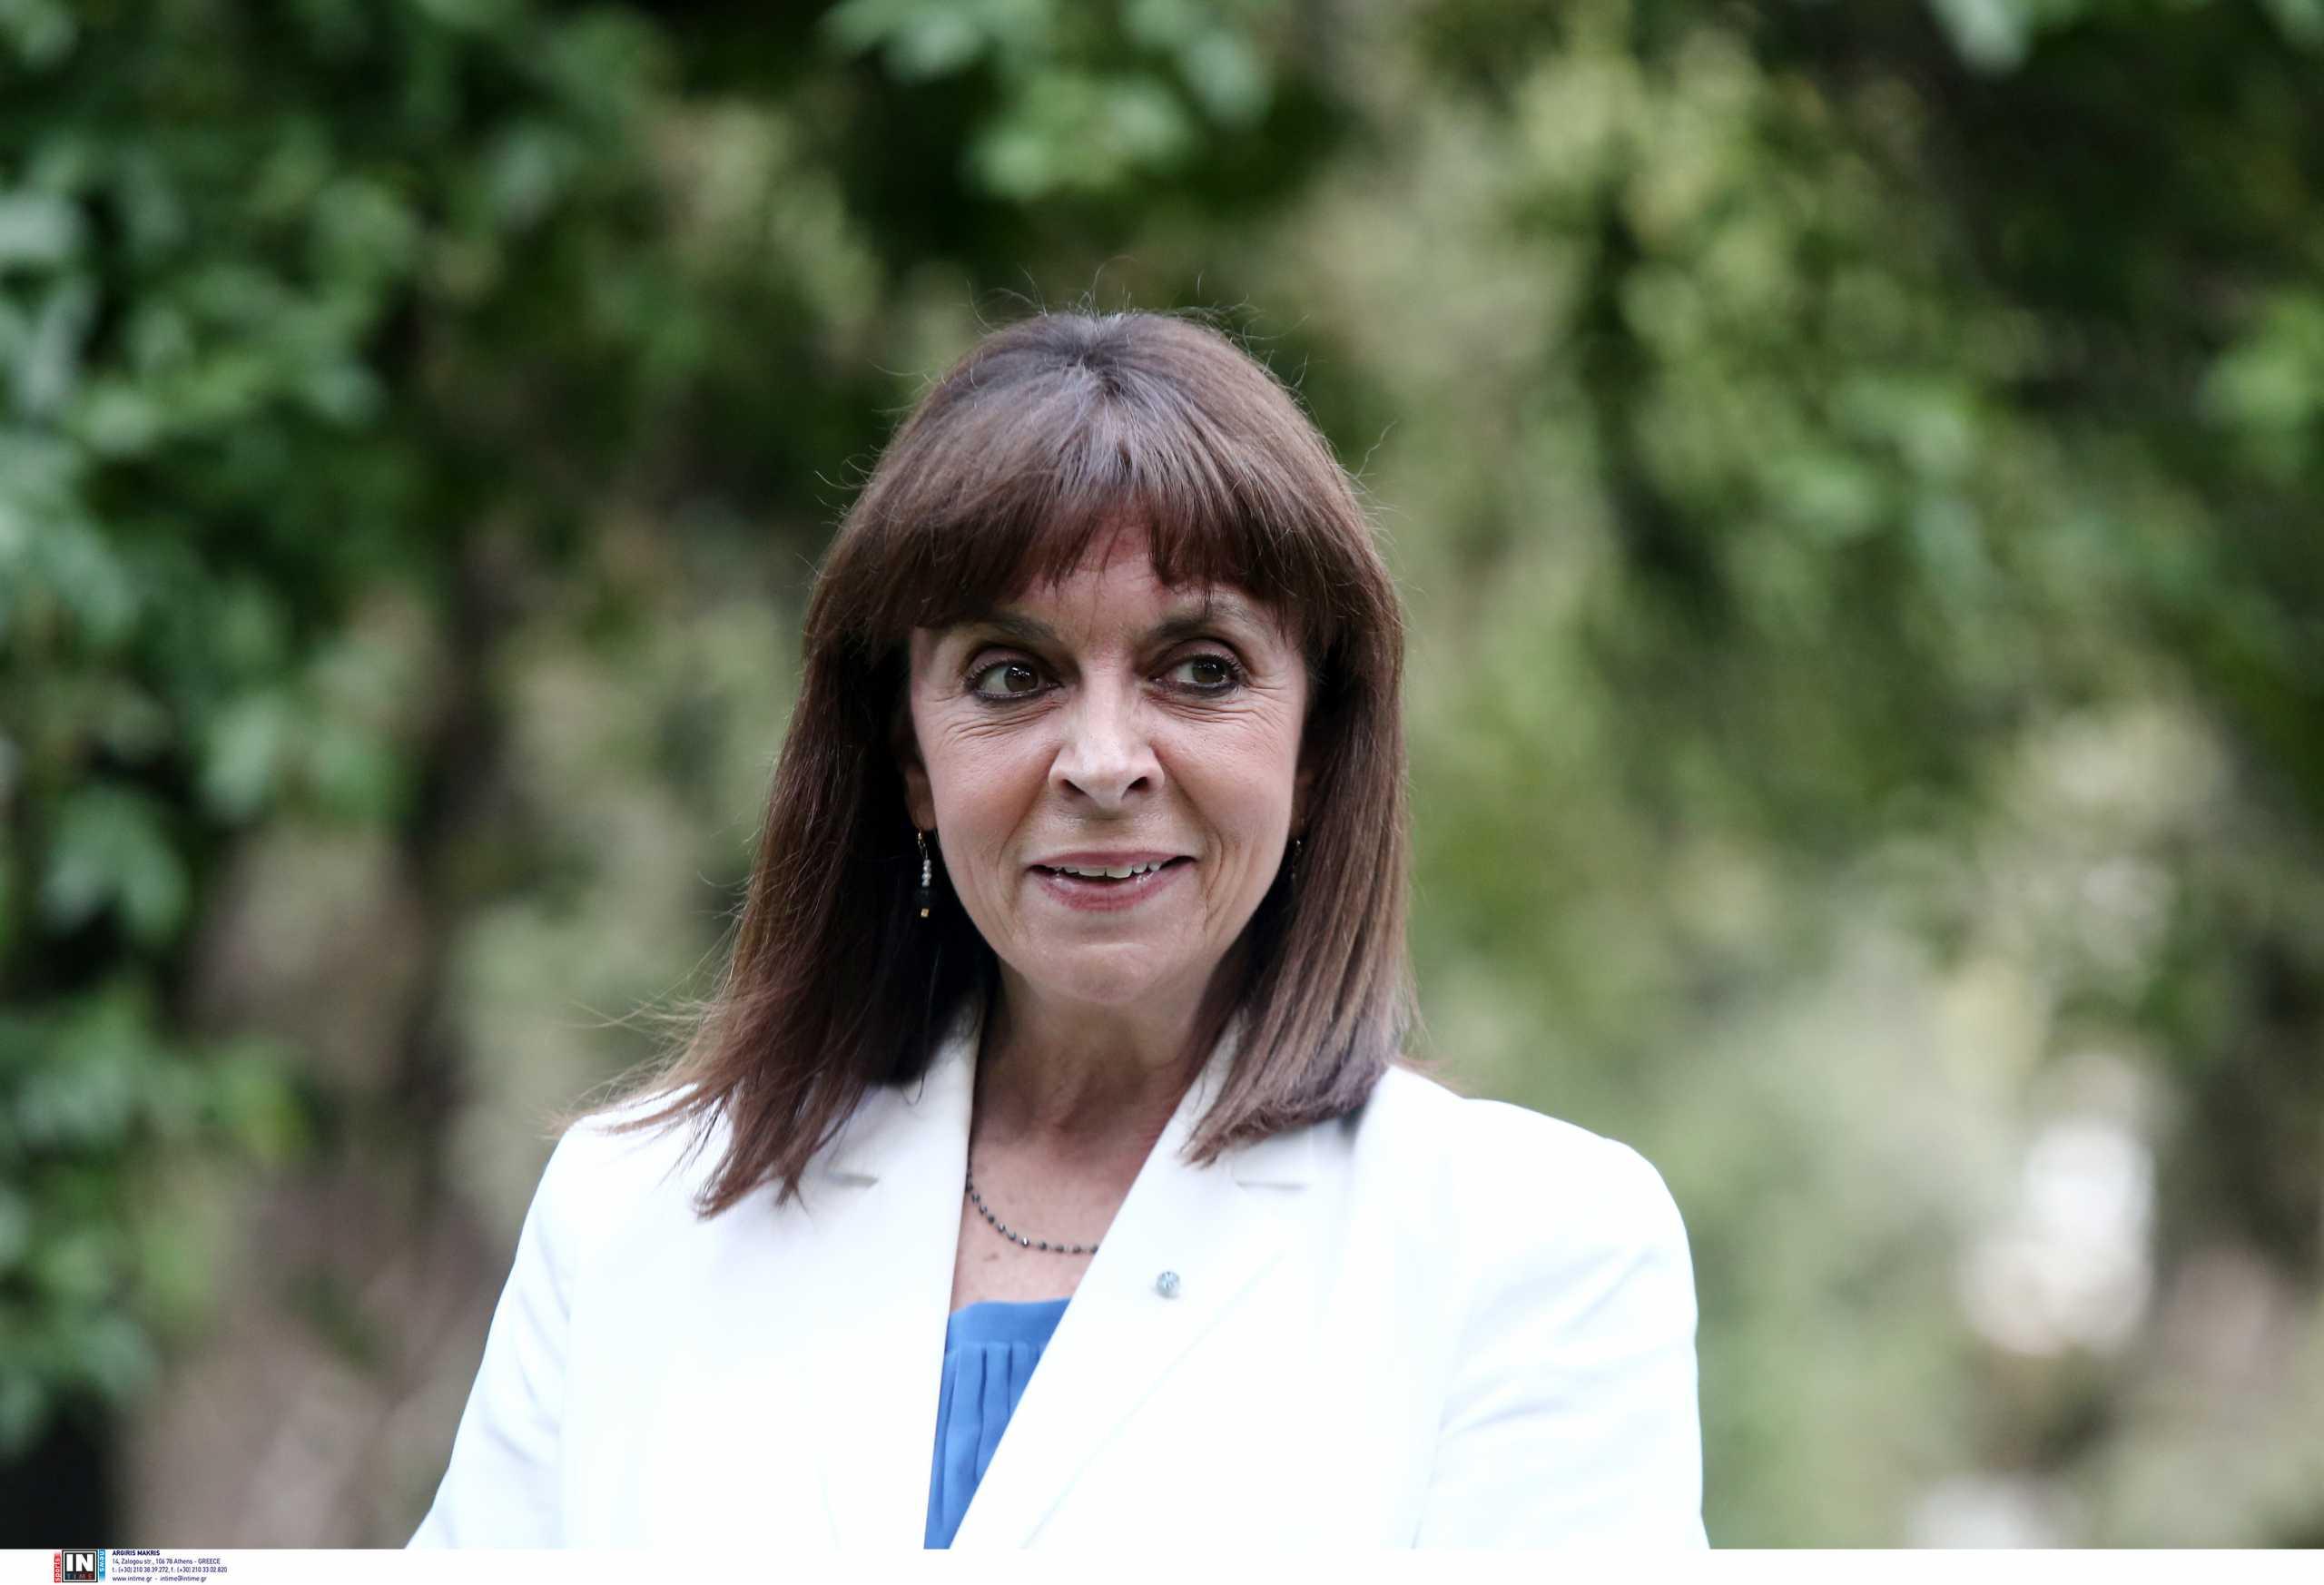 Κατερίνα Σακελλαροπούλου: Θερμά συγχαρητήρια στους Παναγιώτη Τριανταφύλλου και Δημοσθένη Μιχαλεντζάκη